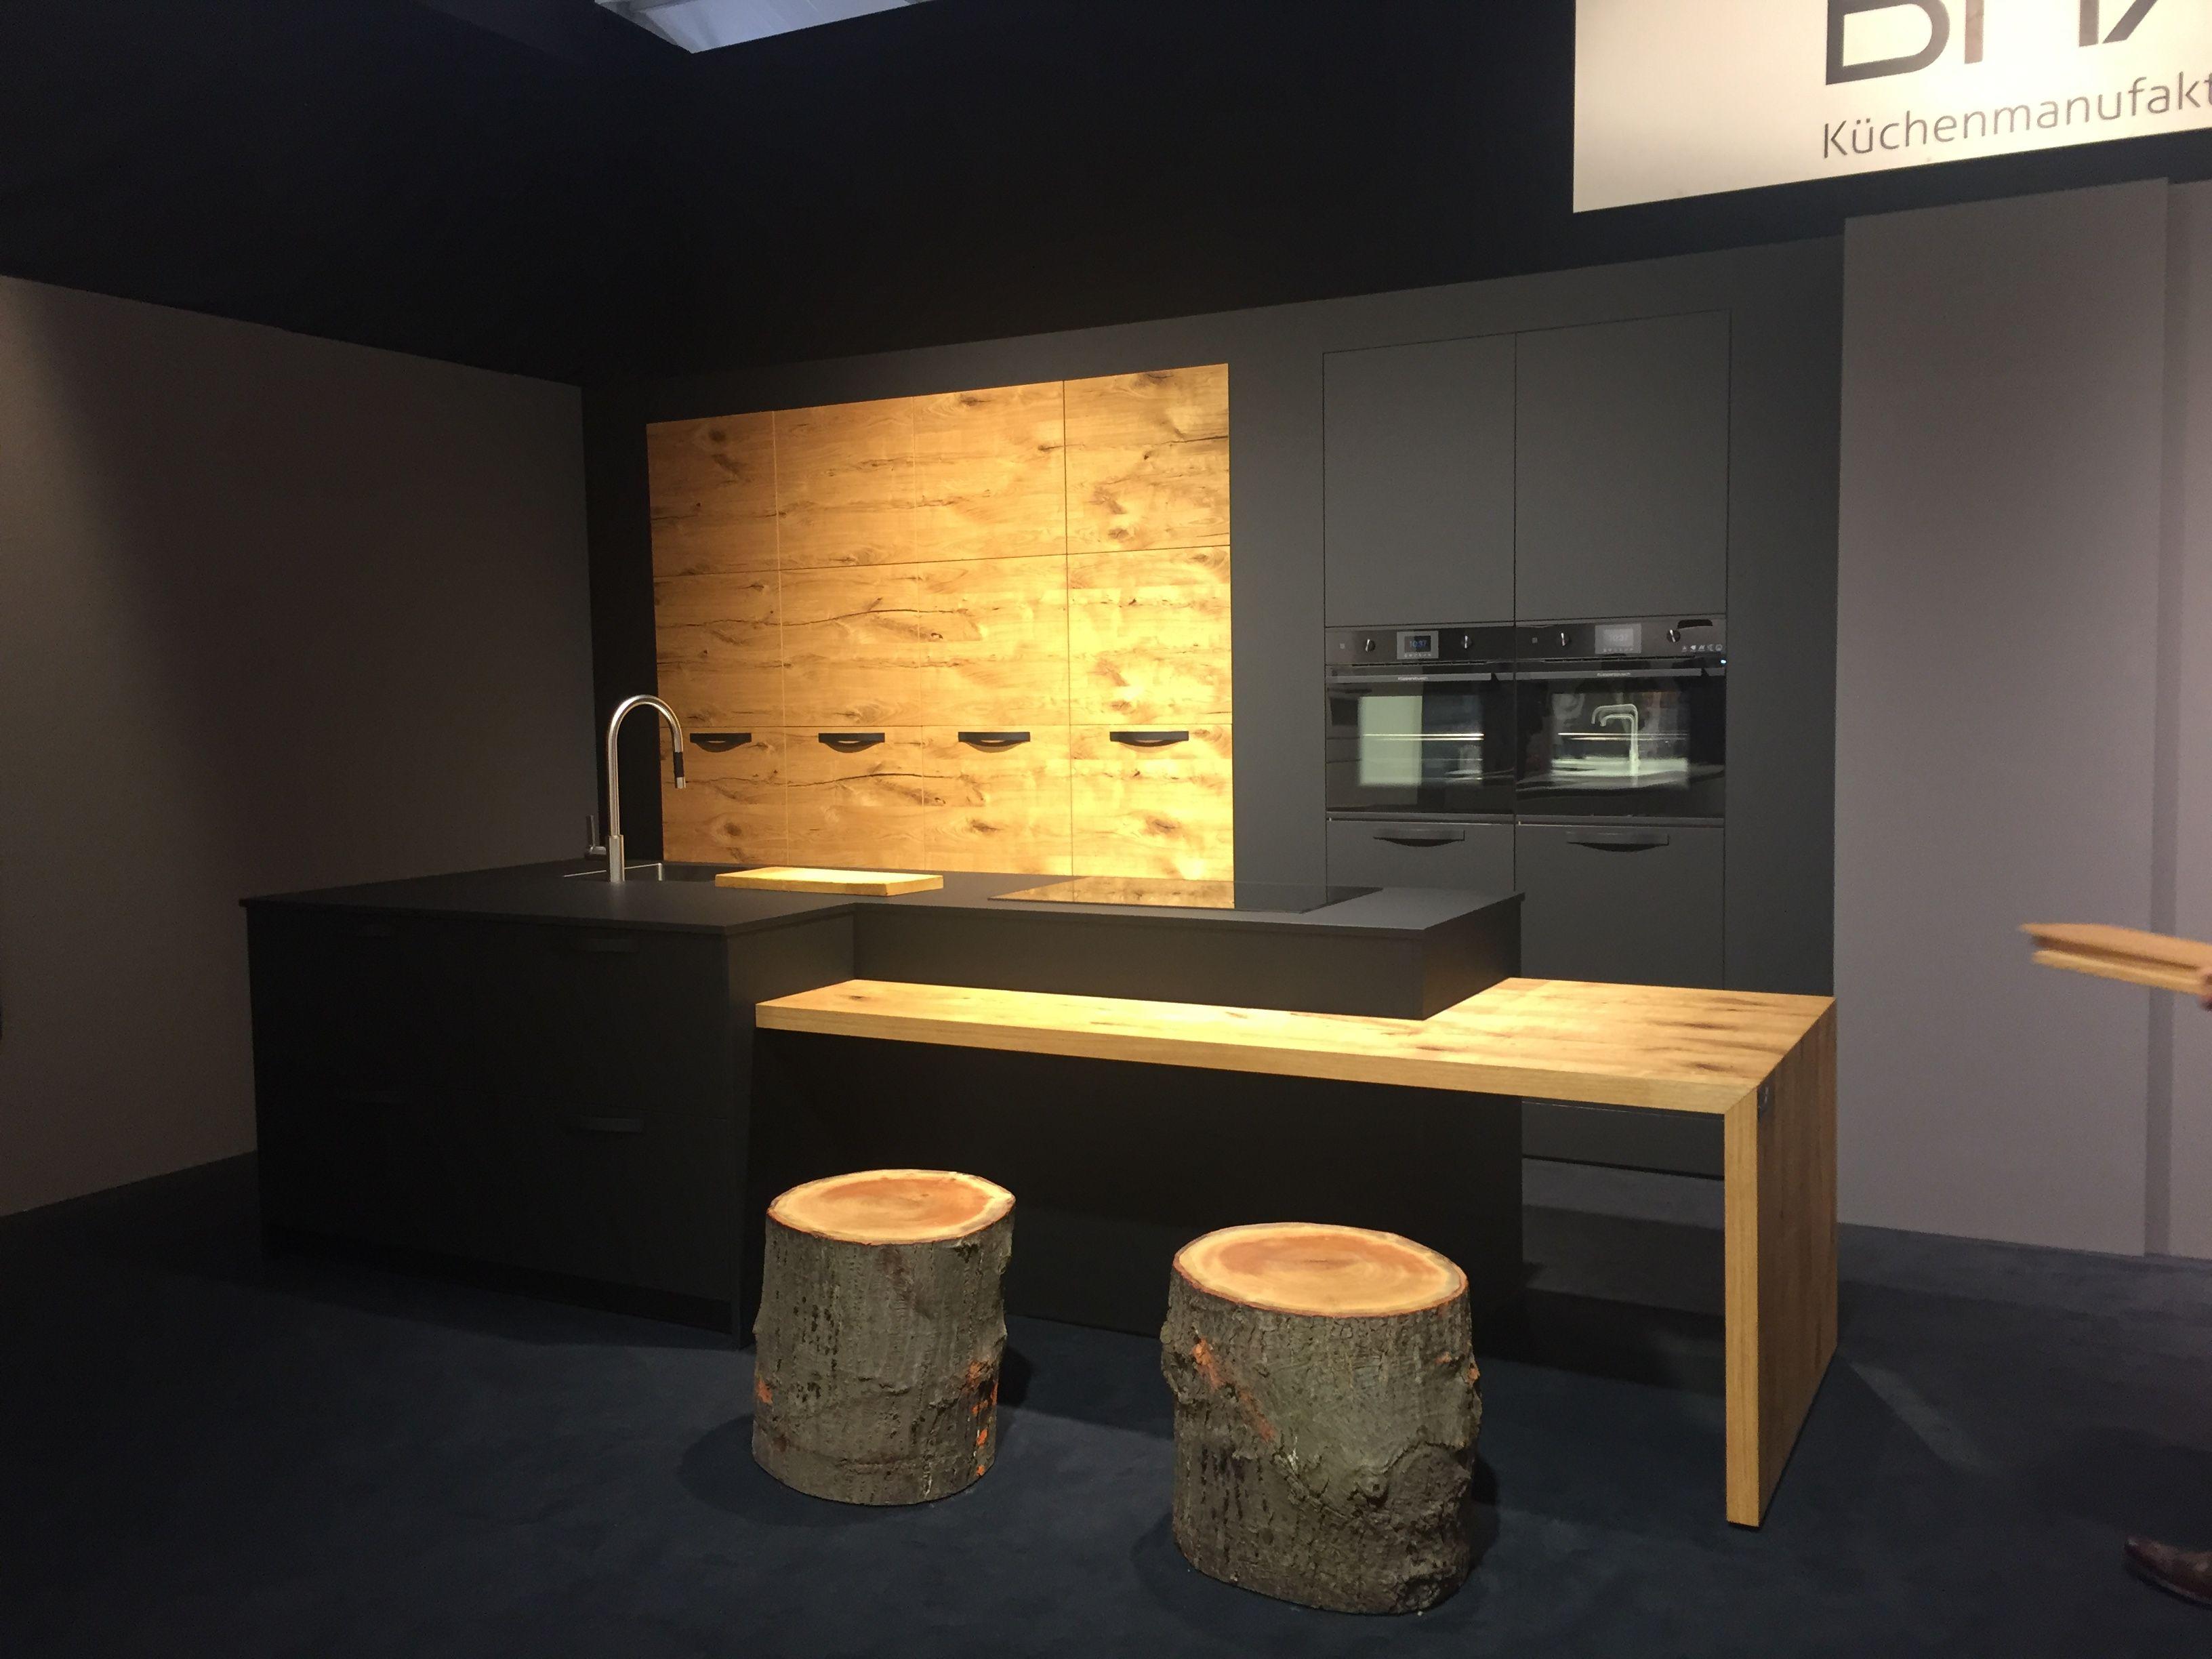 Kitchens · Черные матовые кухни Феникс и Split Oak . Bax, немецкая  мануфактура